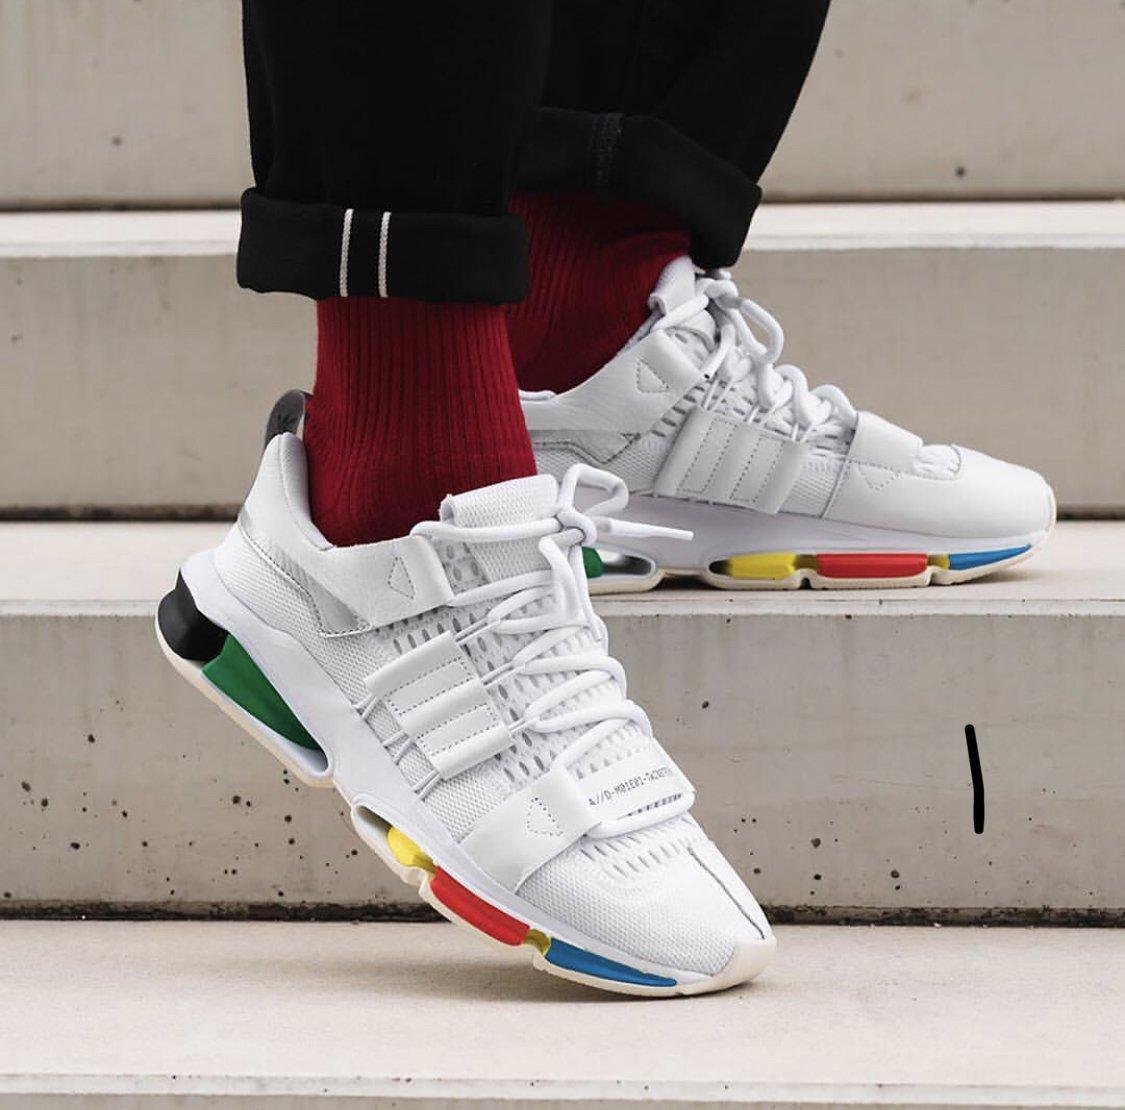 promo code bebb2 6cba3 Sneaker Shouts™ on Twitter